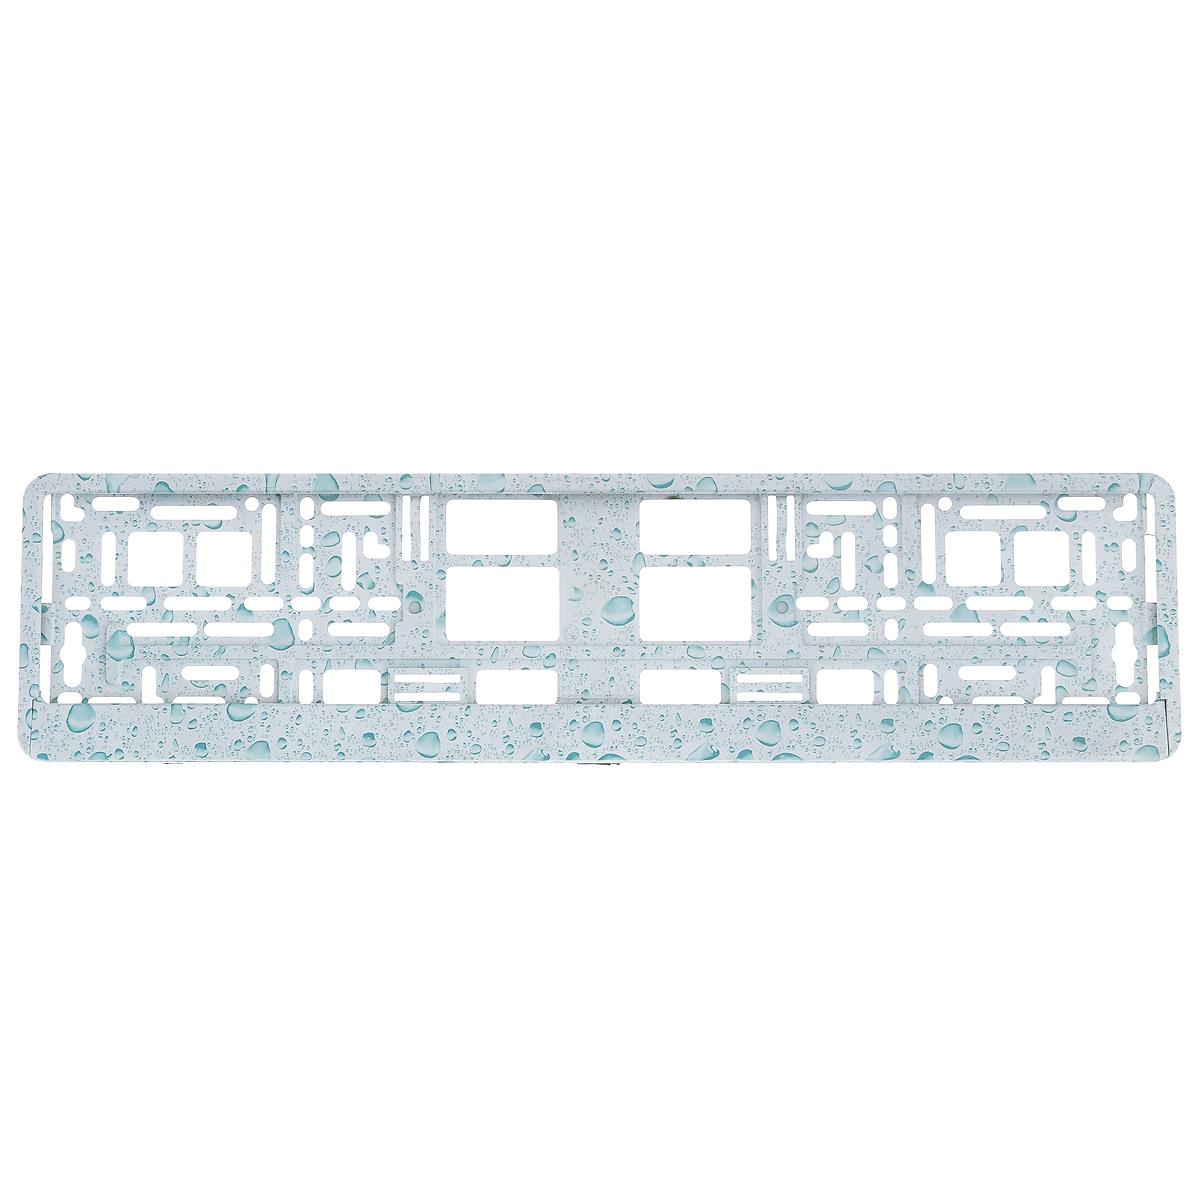 Рамка под номер Пузыри, цвет: голубойЗ0000014146Рамка Пузыри не только закрепит регистрационный знак на вашем автомобиле, но и красиво его оформит. Основание рамки выполнено из полипропилена, материал лицевой панели - пластик. Она предназначена для крепления регистрационного знака российского и европейского образца, декорирована принтом. Устанавливается на все типы автомобилей. Крепления в комплект не входят. Стильный дизайн идеально впишется в экстерьер вашего автомобиля. Размер рамки: 53,5 см х 13,5 см. Размер регистрационного знака: 52,5 см х 11,5 см.